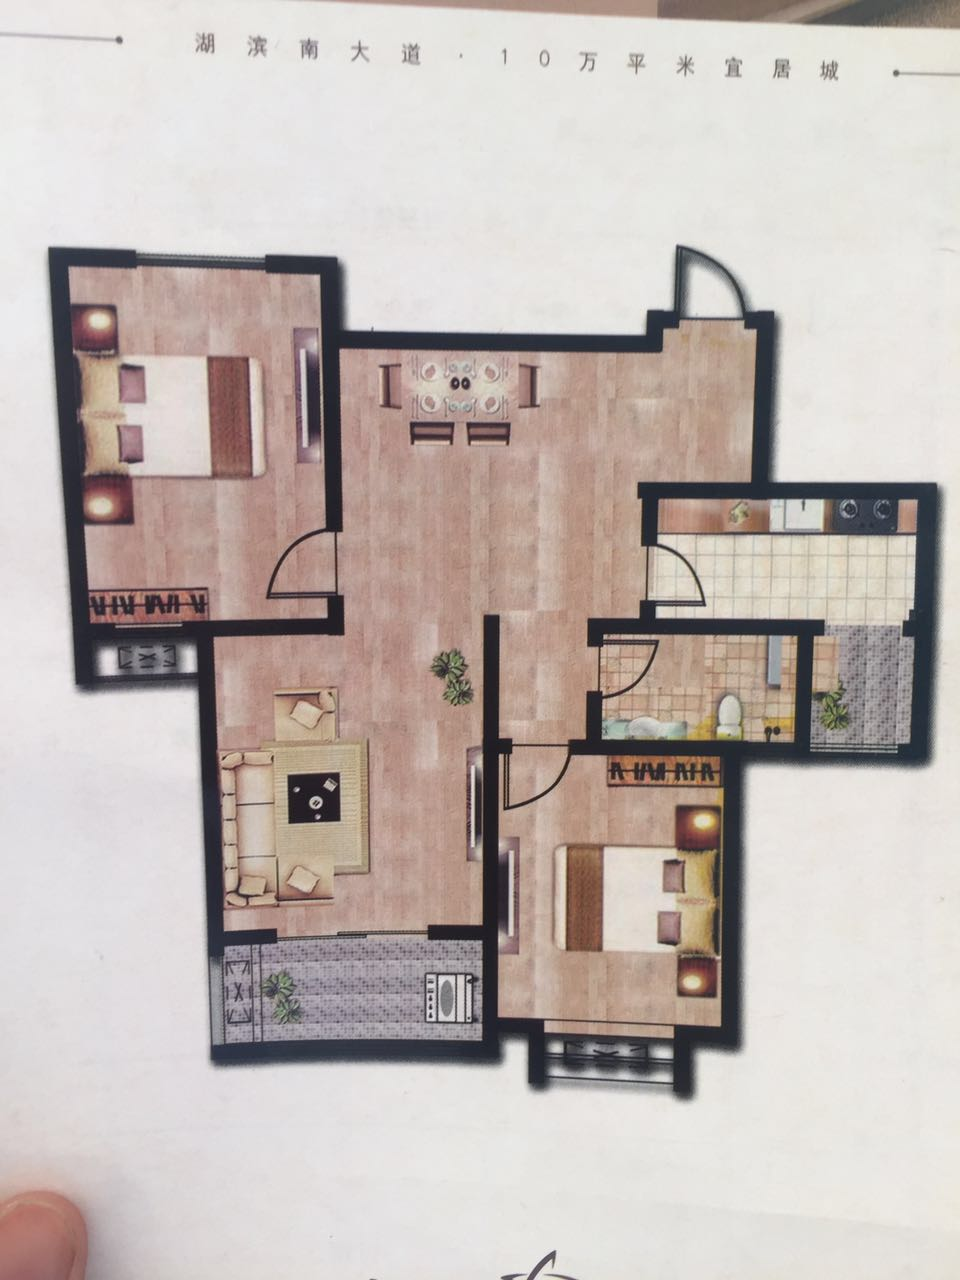 振华星城 3室2厅 28楼